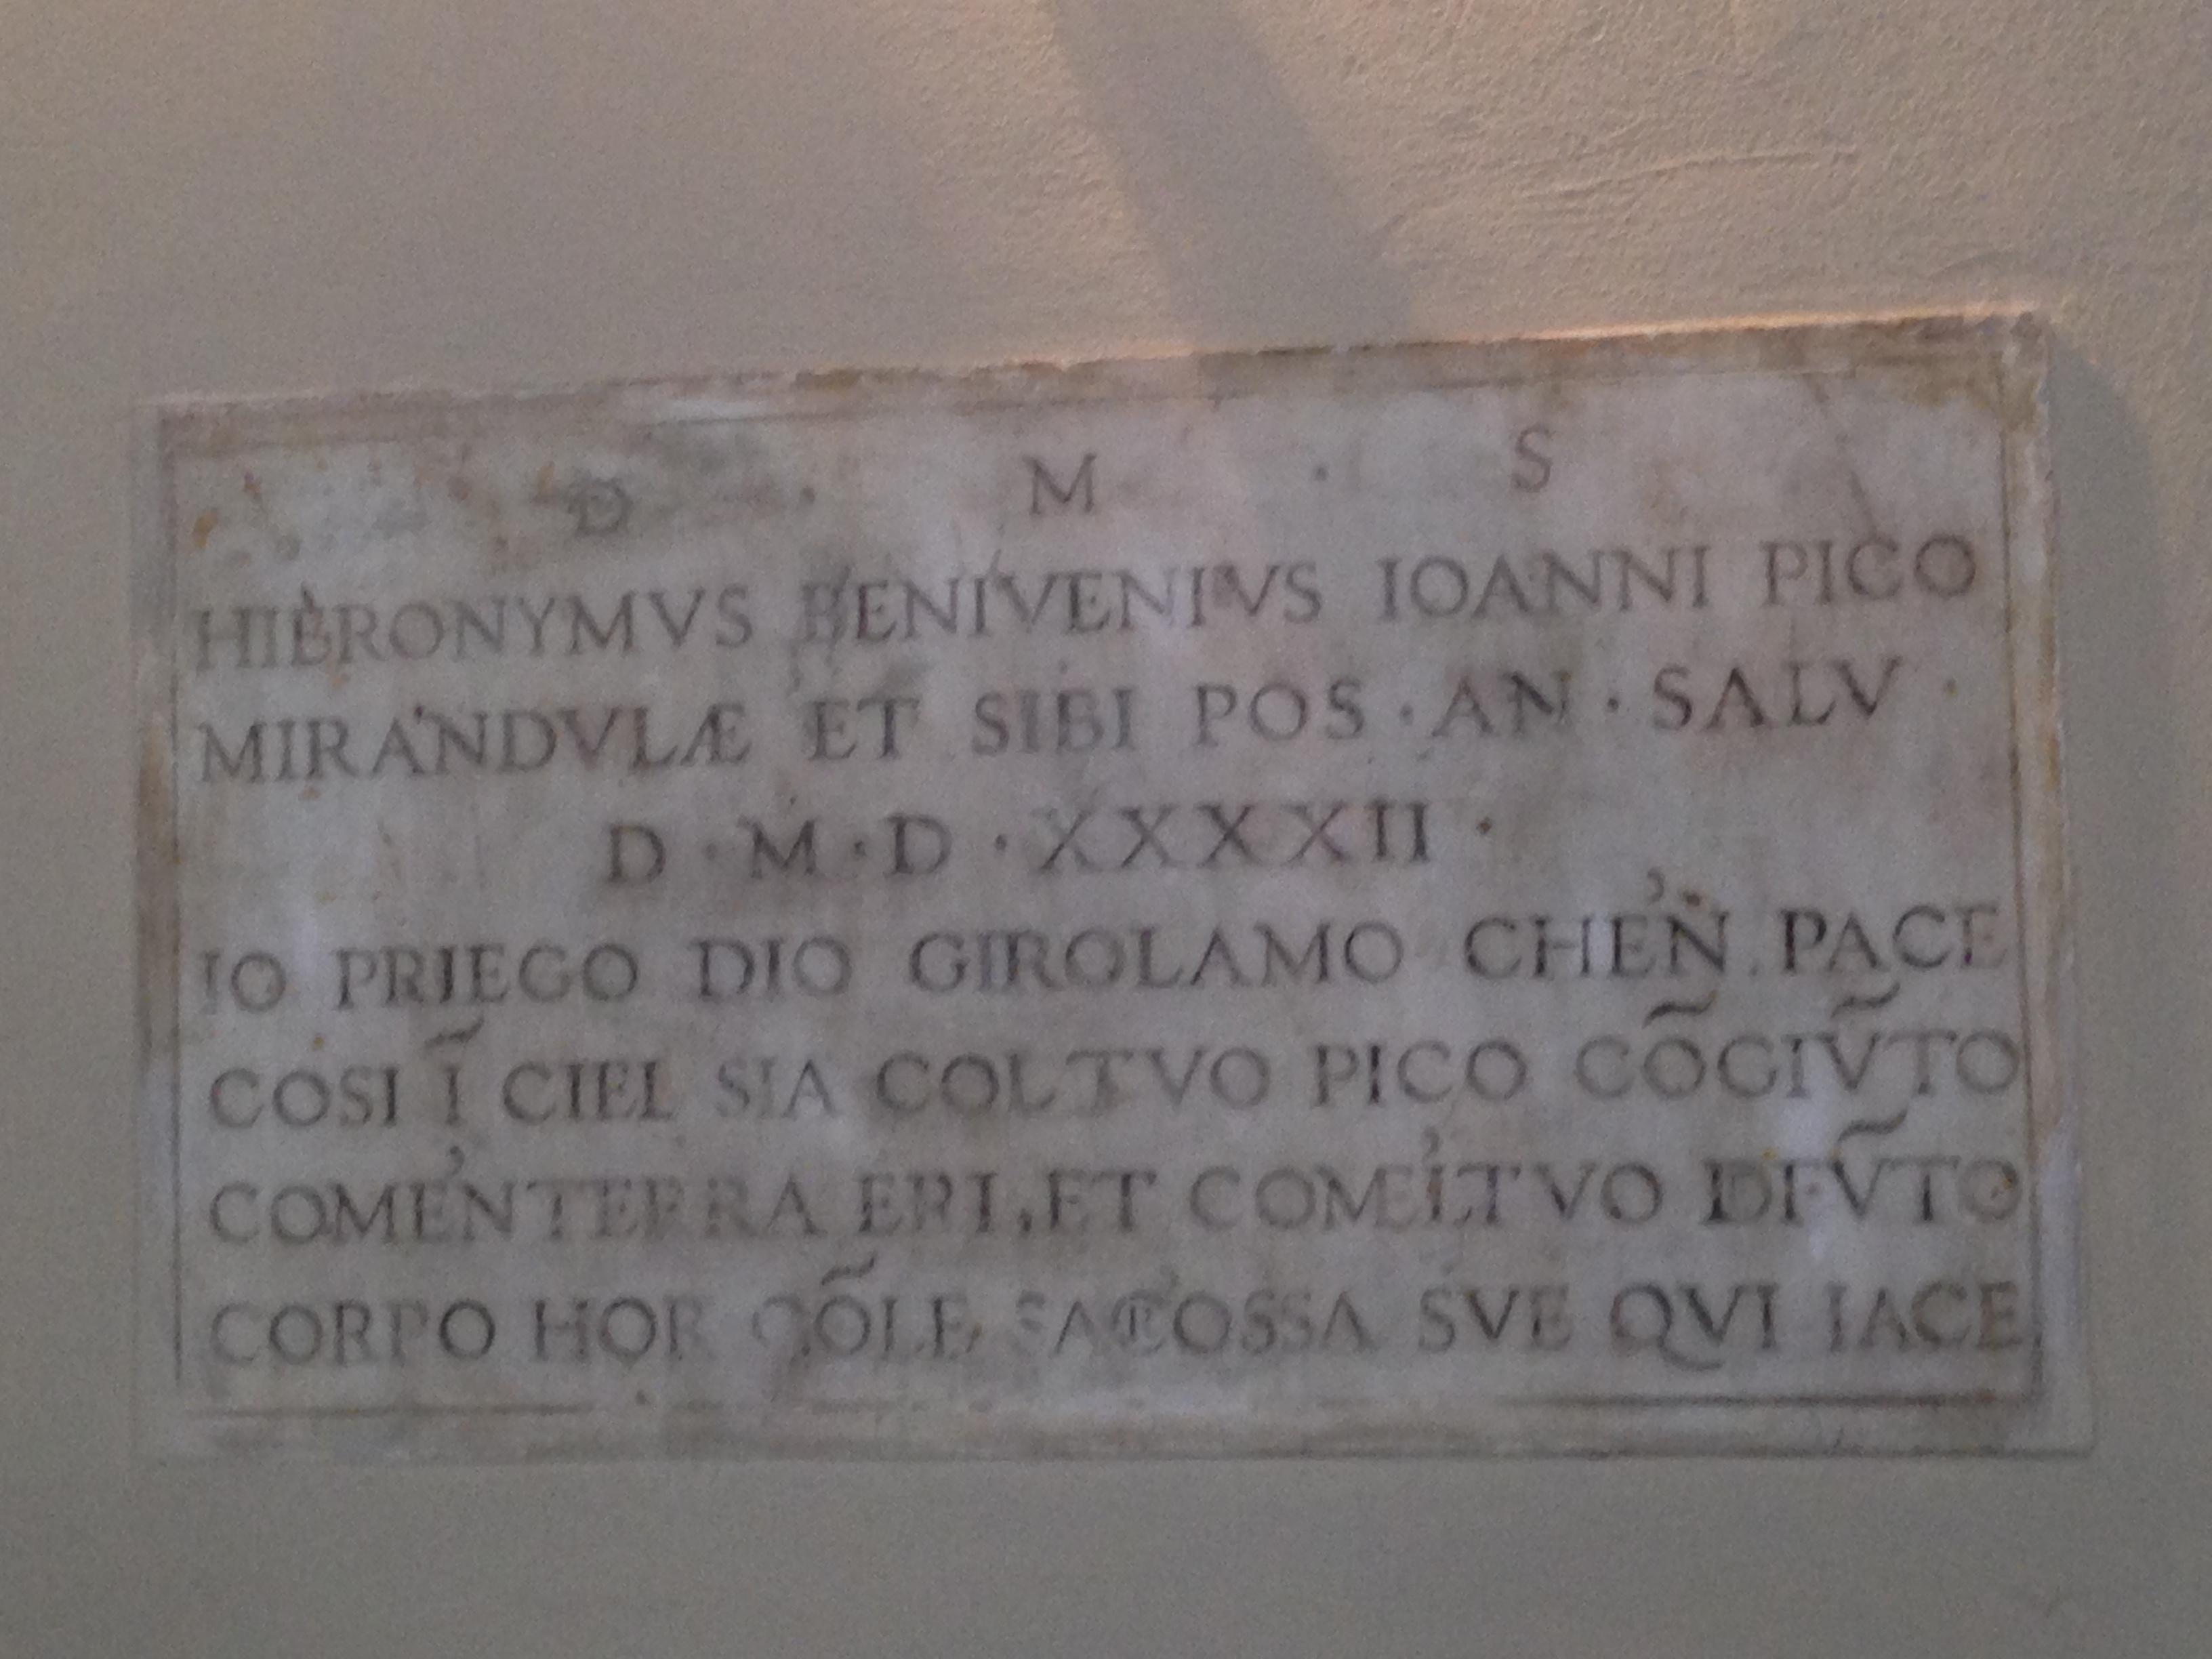 Firenze Pico della M:Beniveni 2